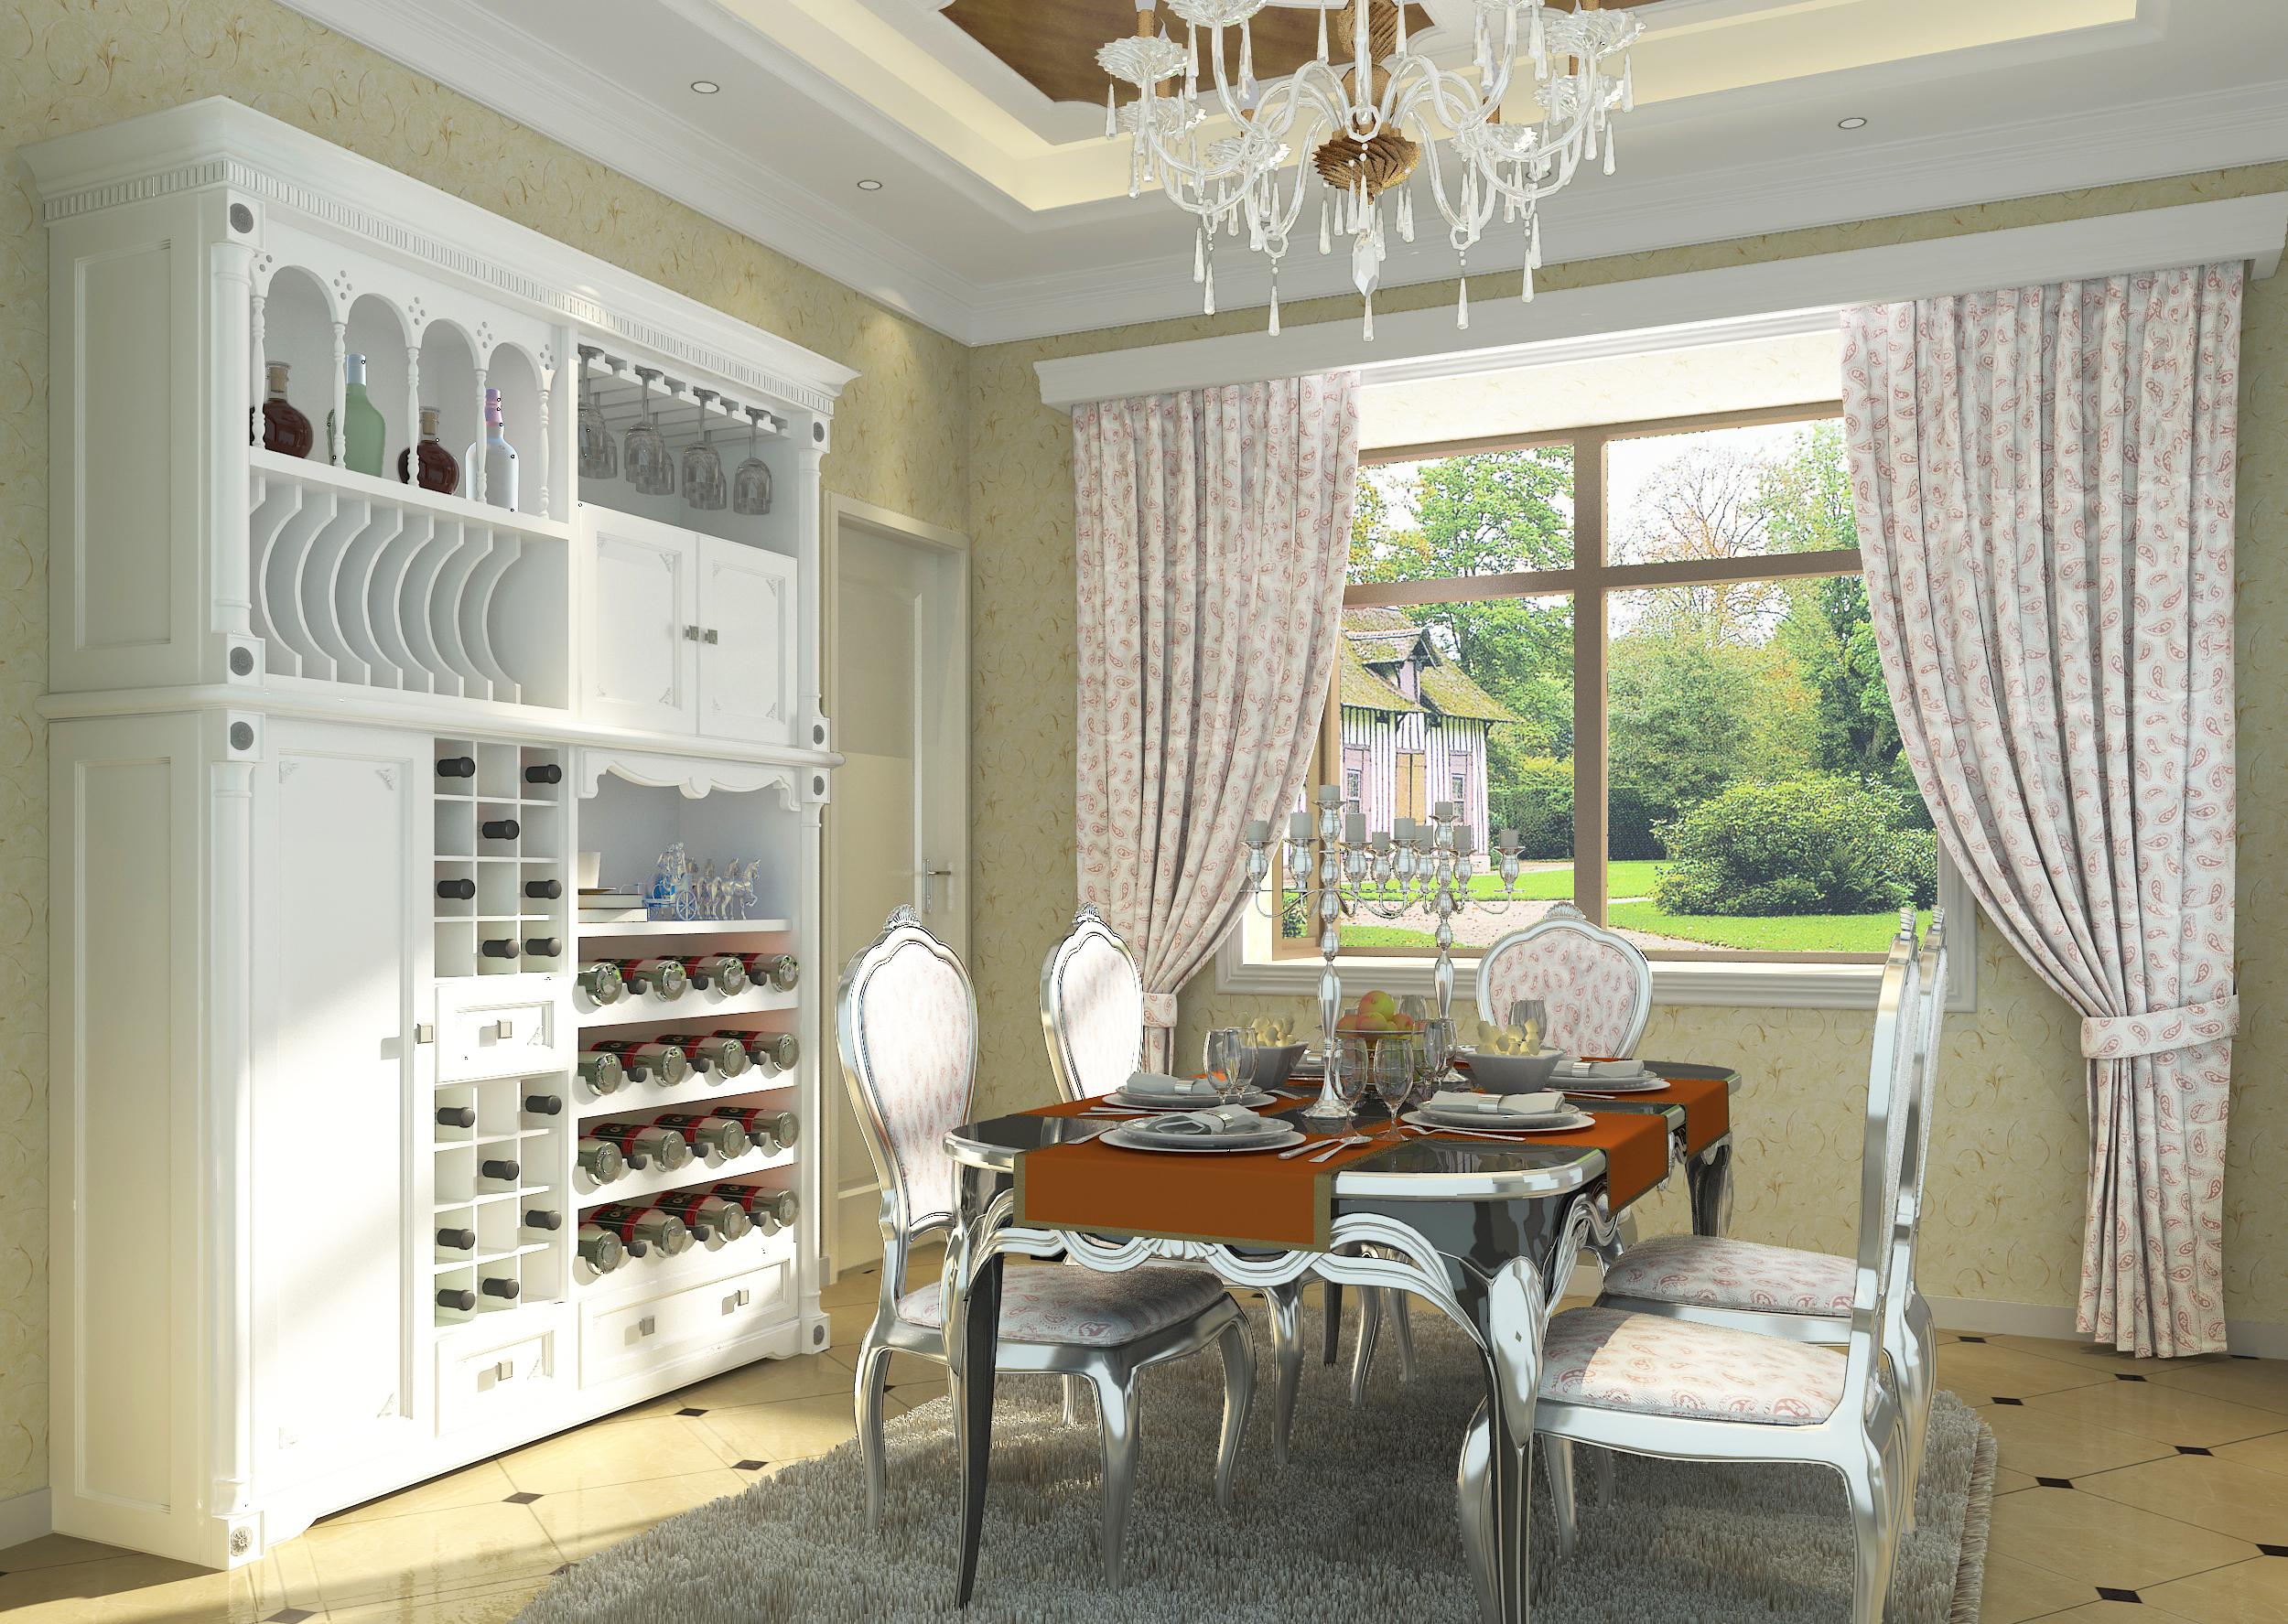 二居 三居 别墅 欧式 简约 定制衣柜 艾依格衣柜图片来自aiegle在艾依格衣柜——佛罗伦萨系列的分享